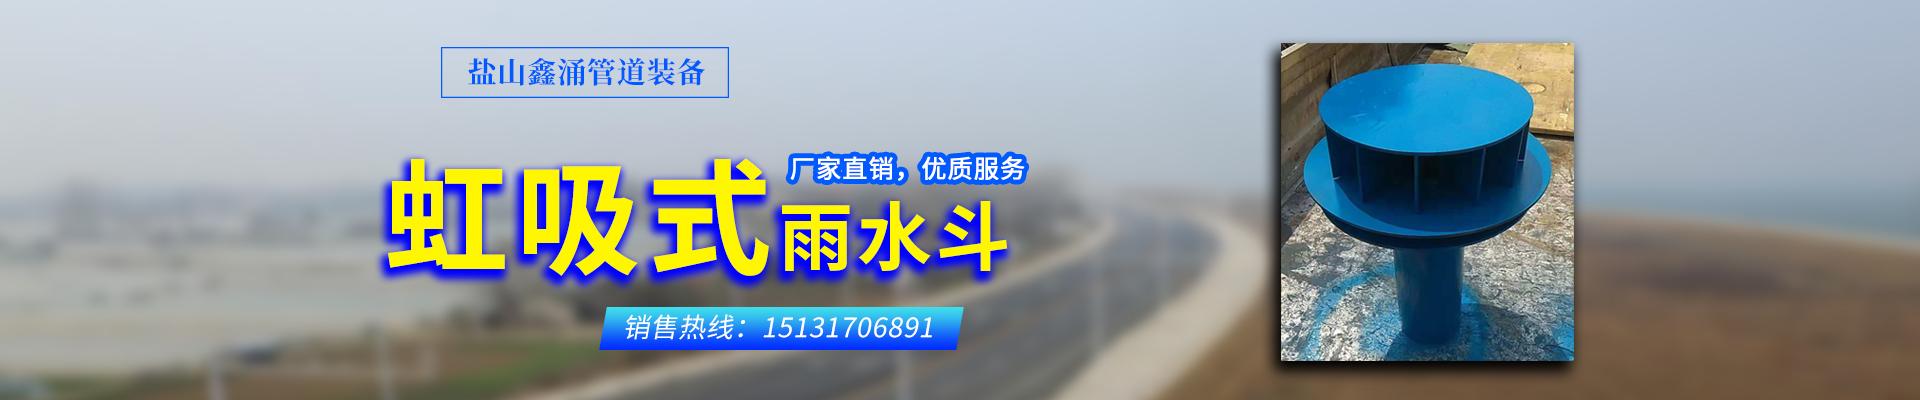 盐山鑫涌管道装备有限公司